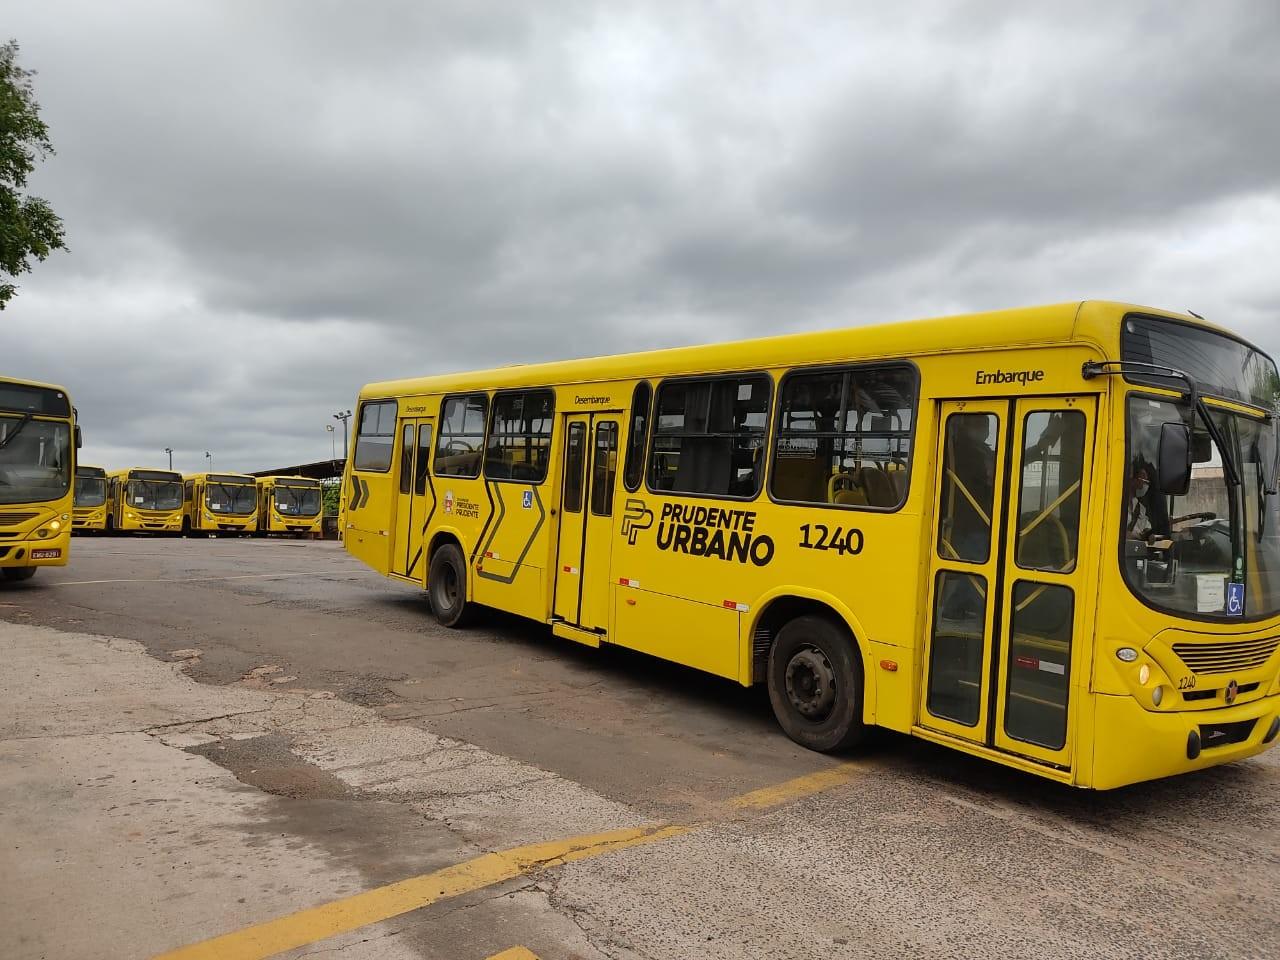 Liminar determina a retomada do serviço de transporte coletivo em Presidente Prudente